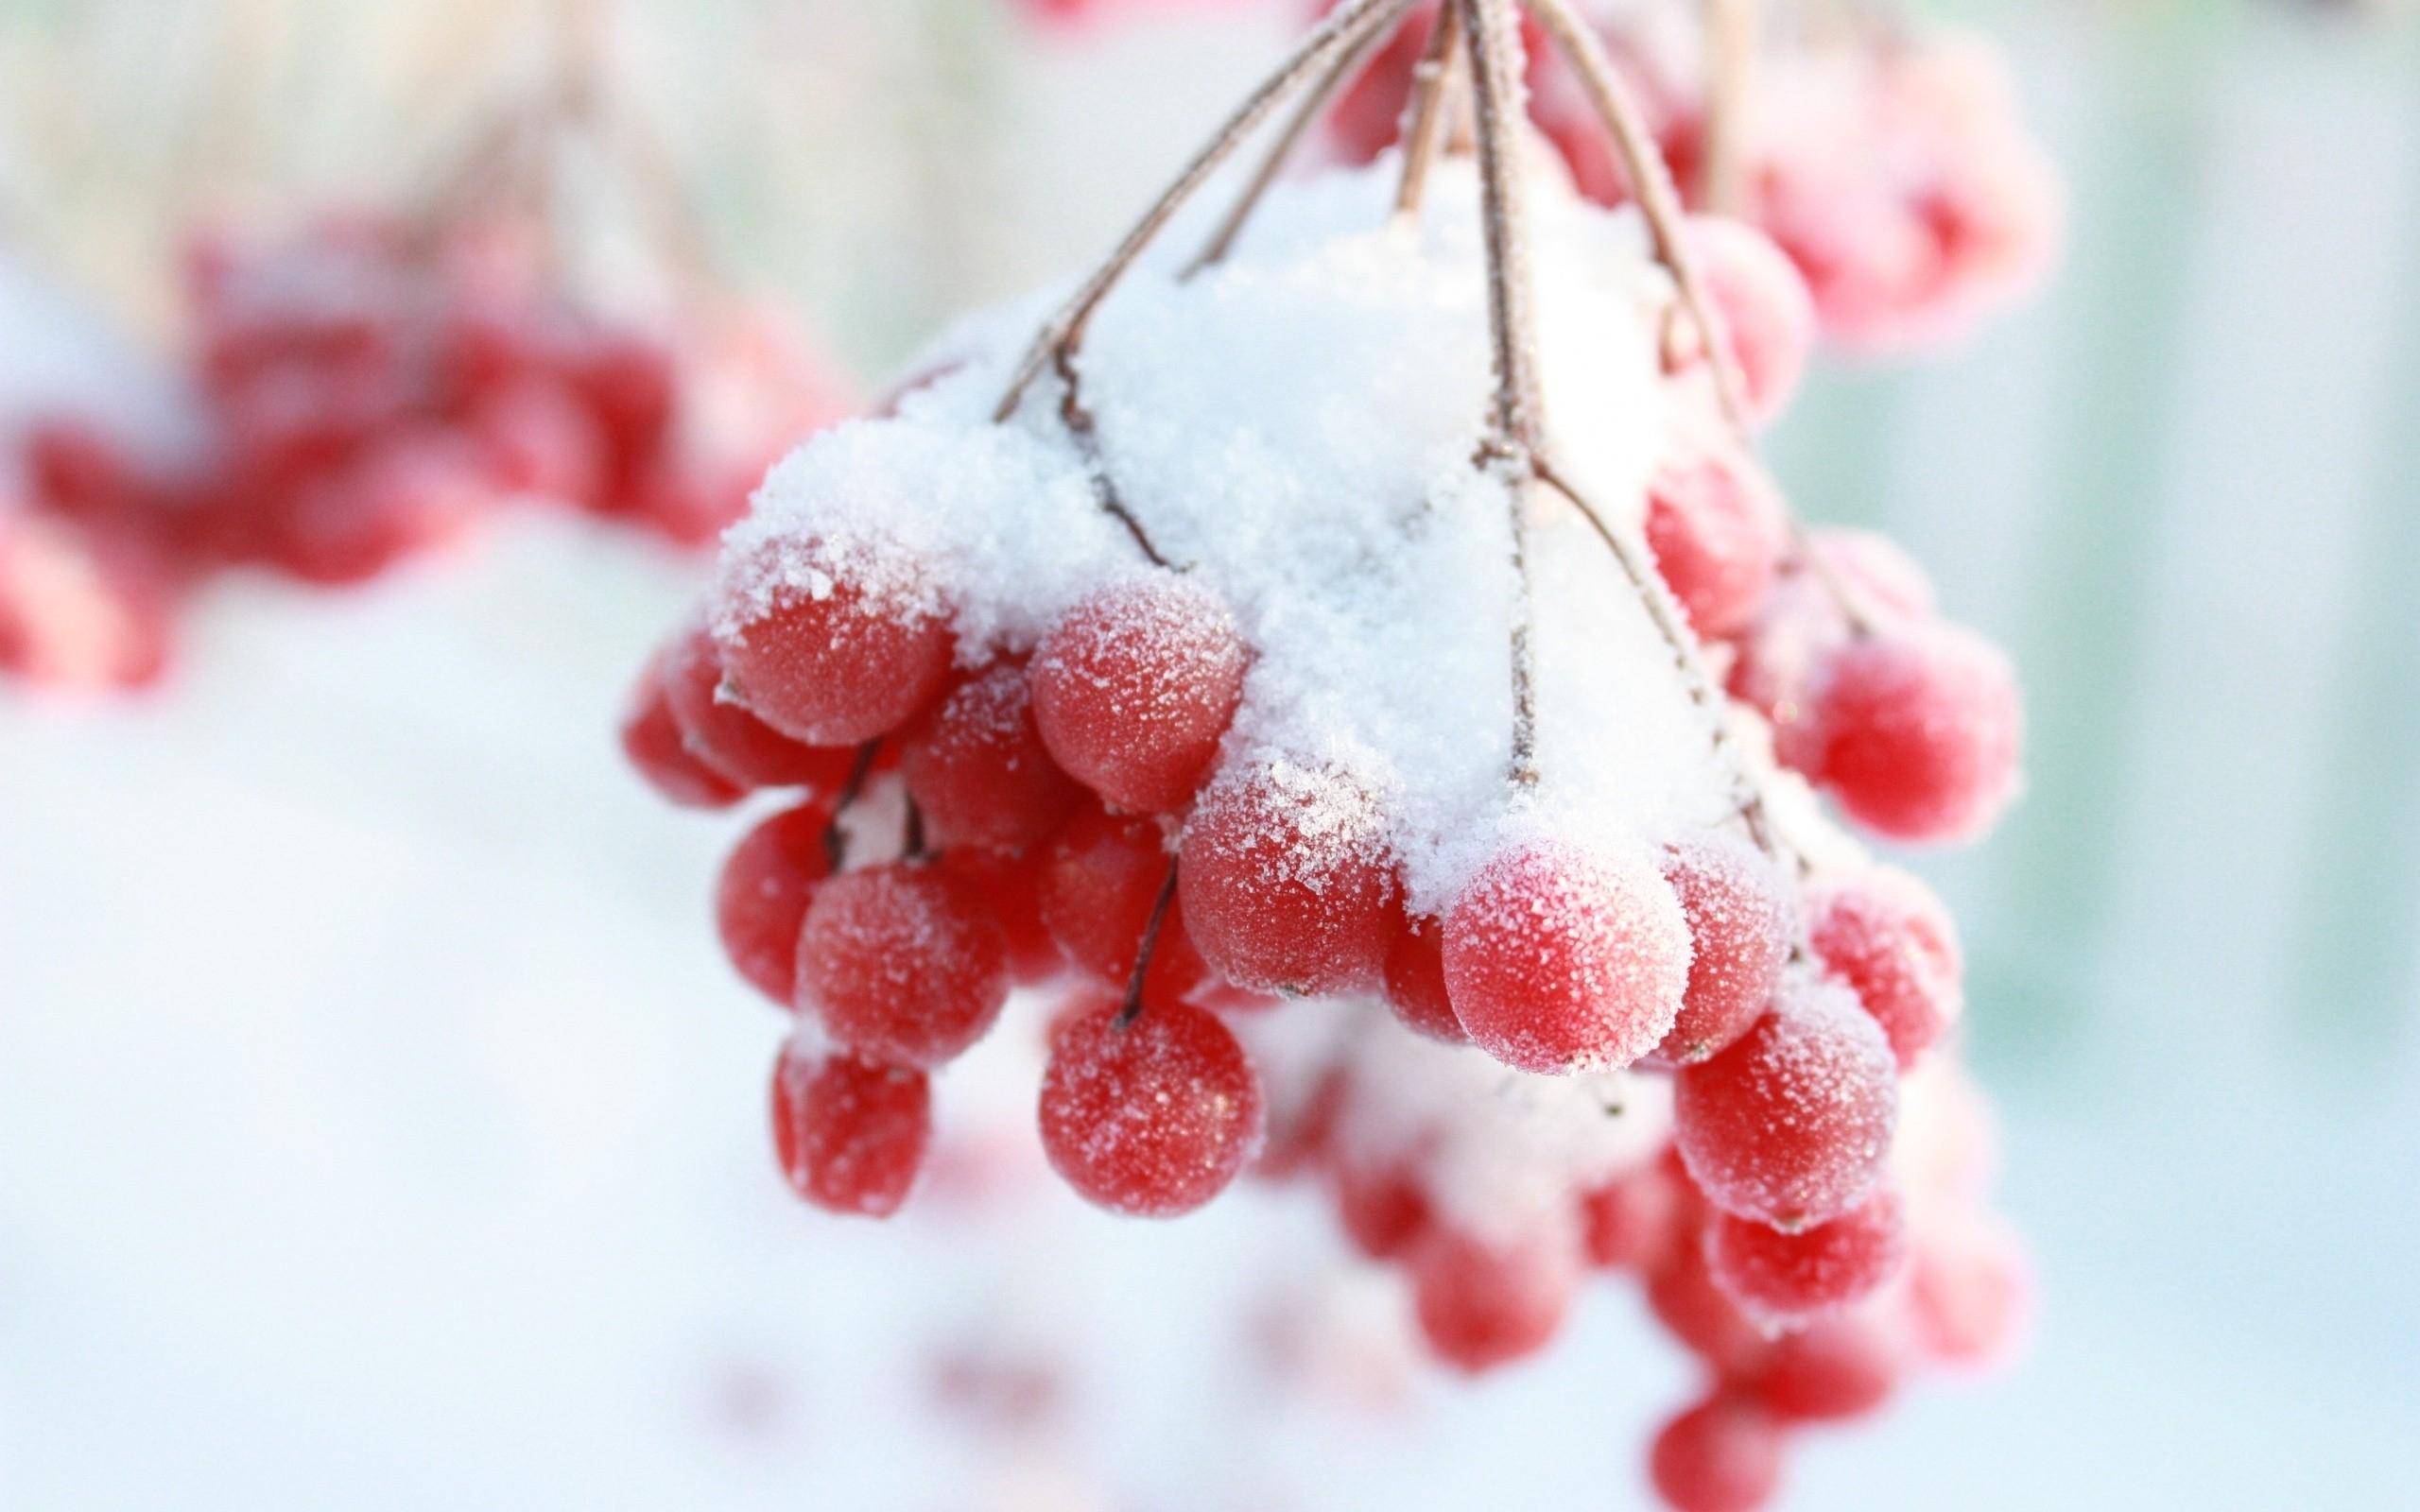 Рябина в снегу фото 553-180